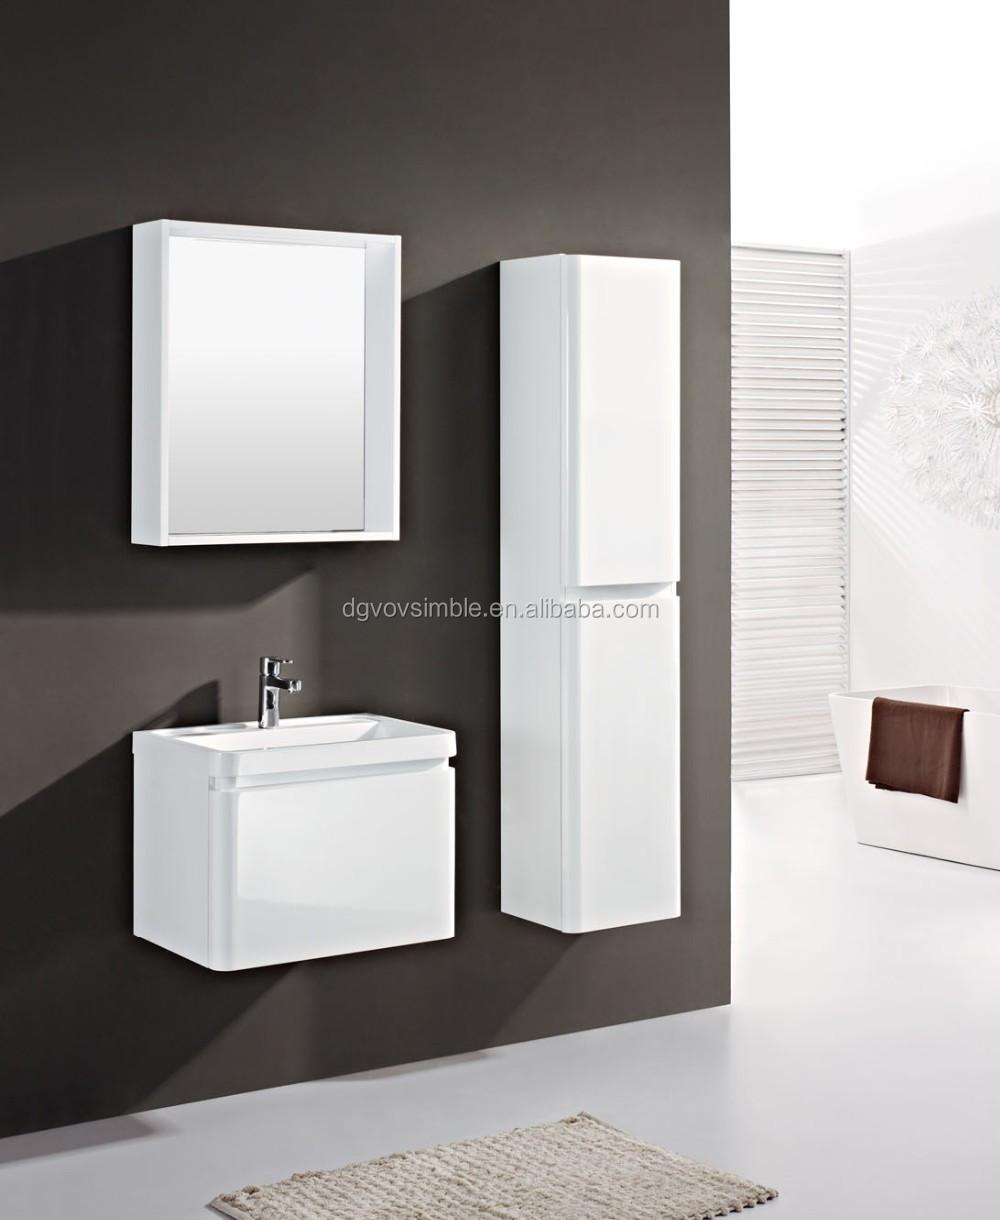 Mueble de baño pvc baño vanidad moderno cuarto de baño gabinetes ...